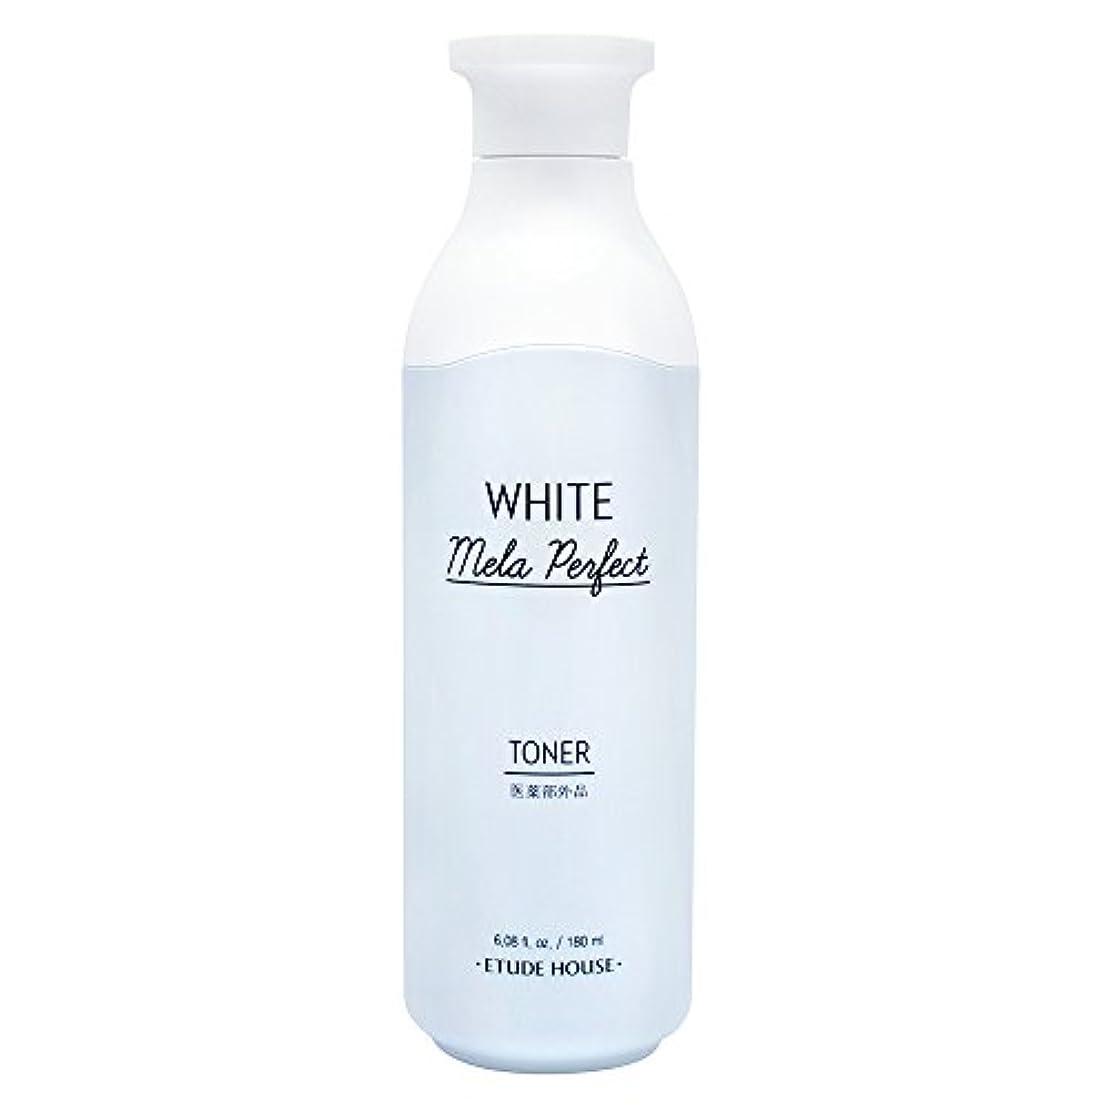 無知花瓶司教エチュードハウス(ETUDE HOUSE) ホワイトメラパーフェクト トナー[化粧水、美白化粧水]